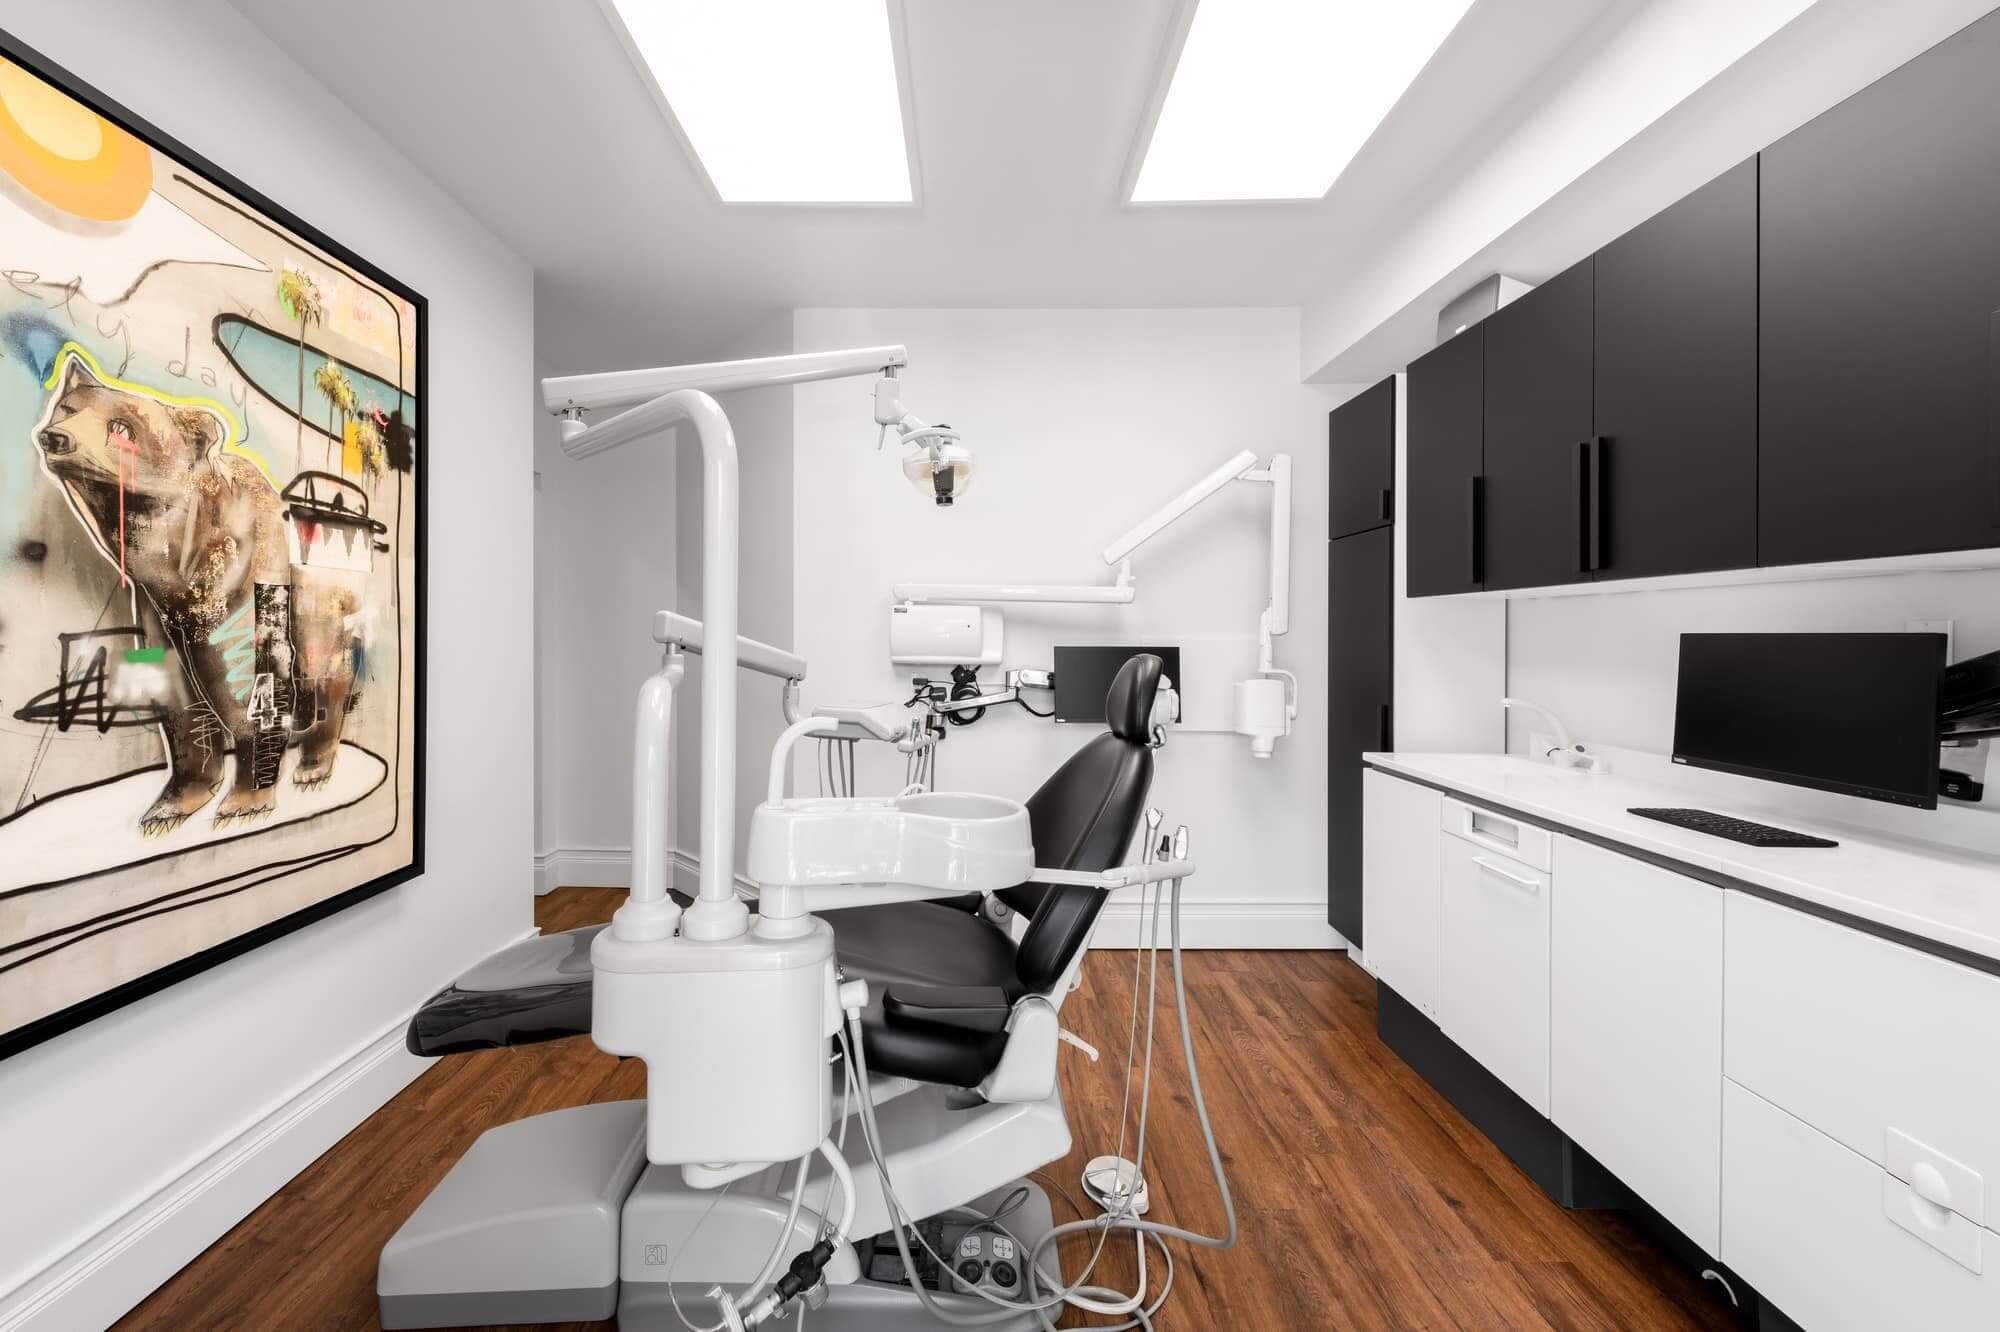 Cabinet dentaire design (salle de traitement avec oeuvre d'art) - Rénovation commerciale